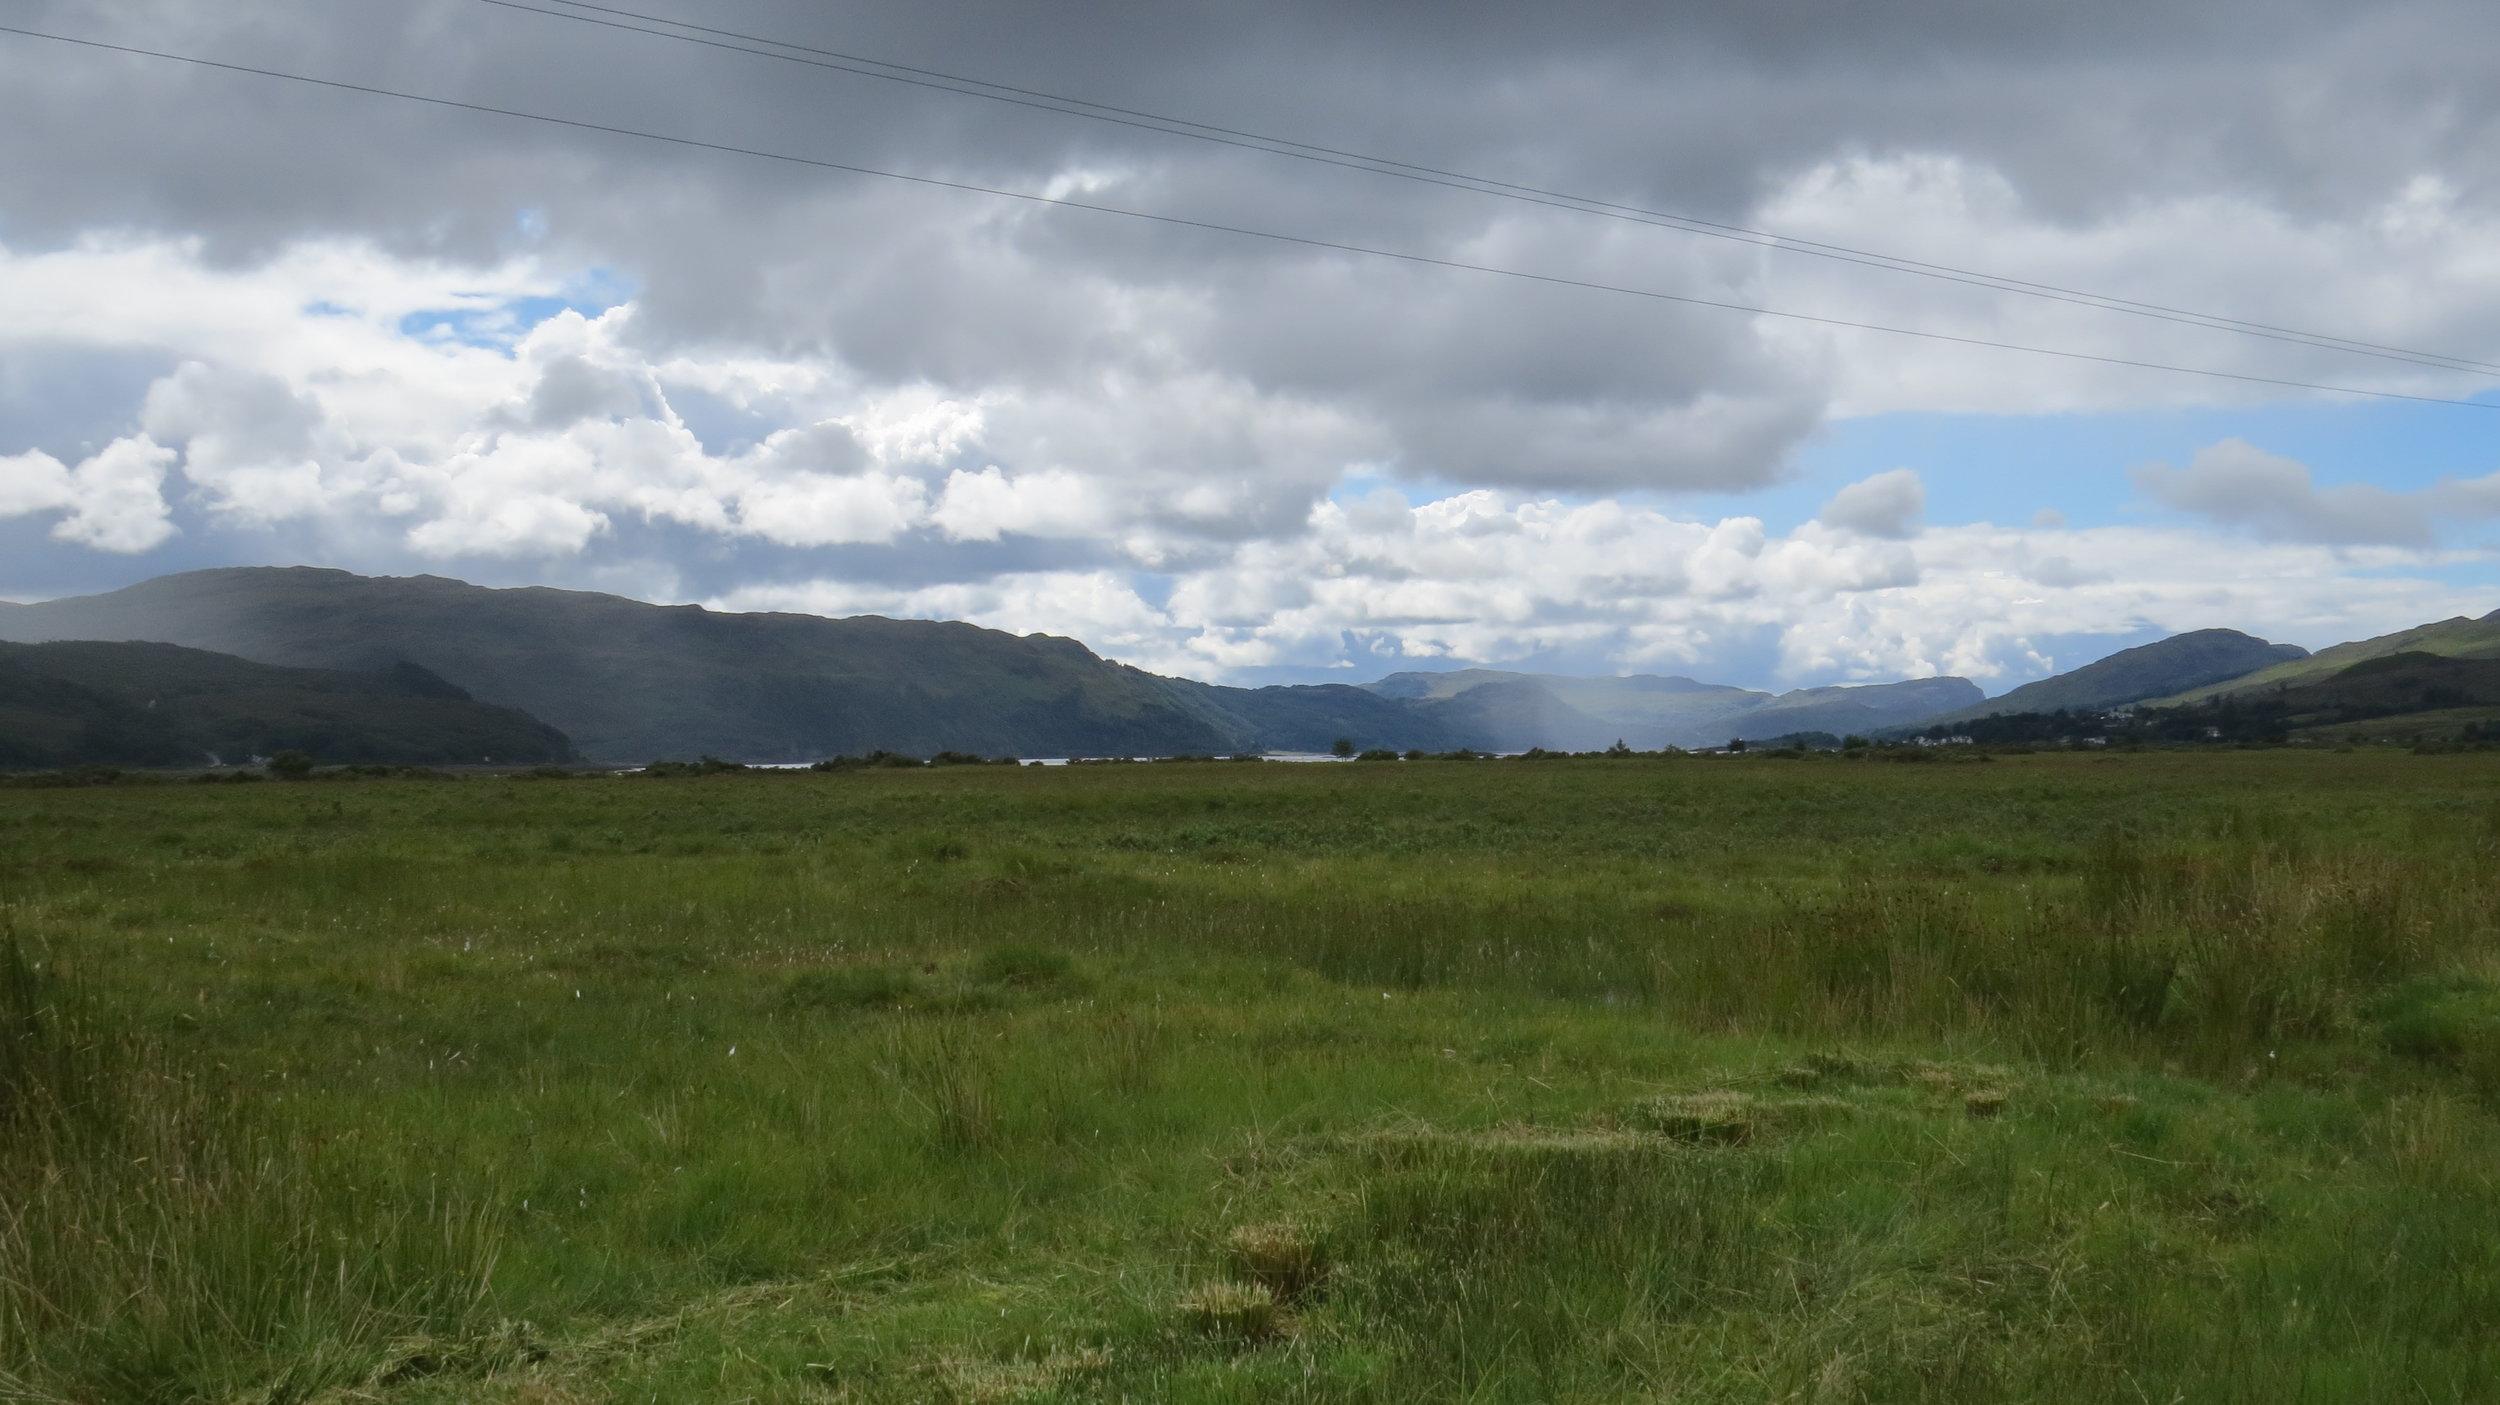 Clouds, Hills & Grass